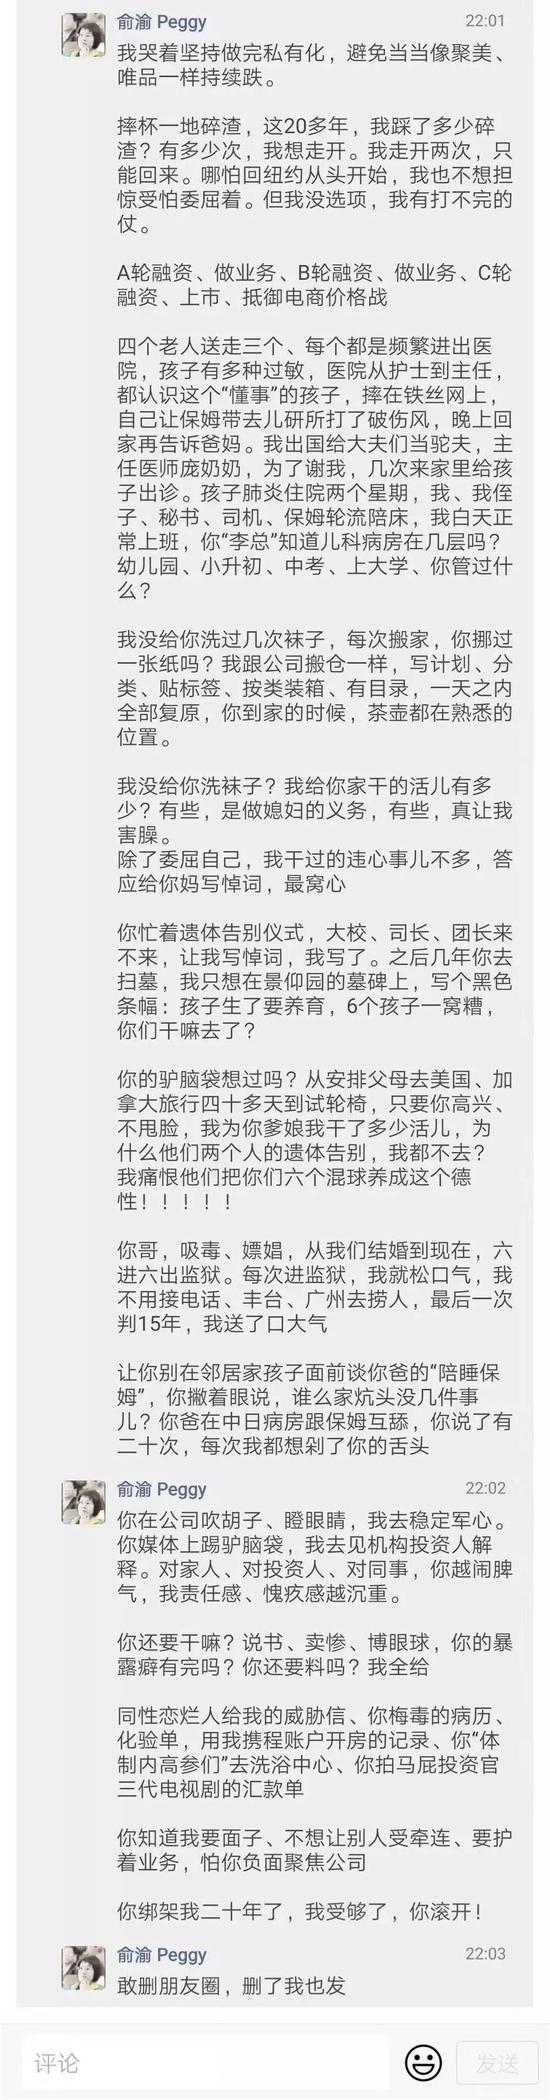 金花show-抄底变踩雷?明星基金经理中招视觉中国,股价连续3日暴跌,市值蒸发33亿